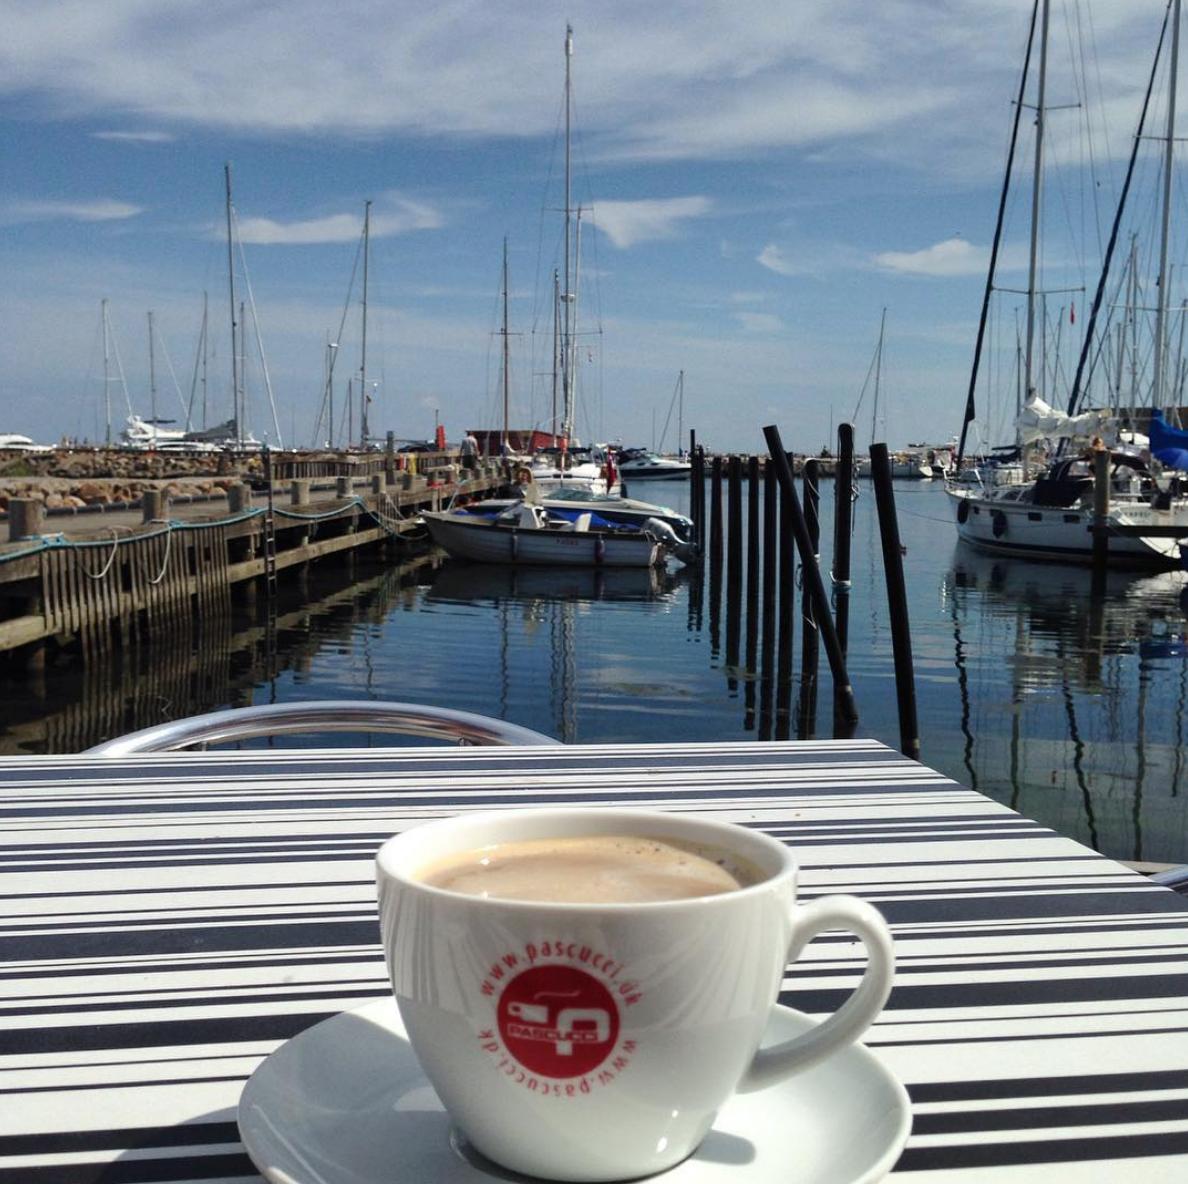 kaffe på havnen.png